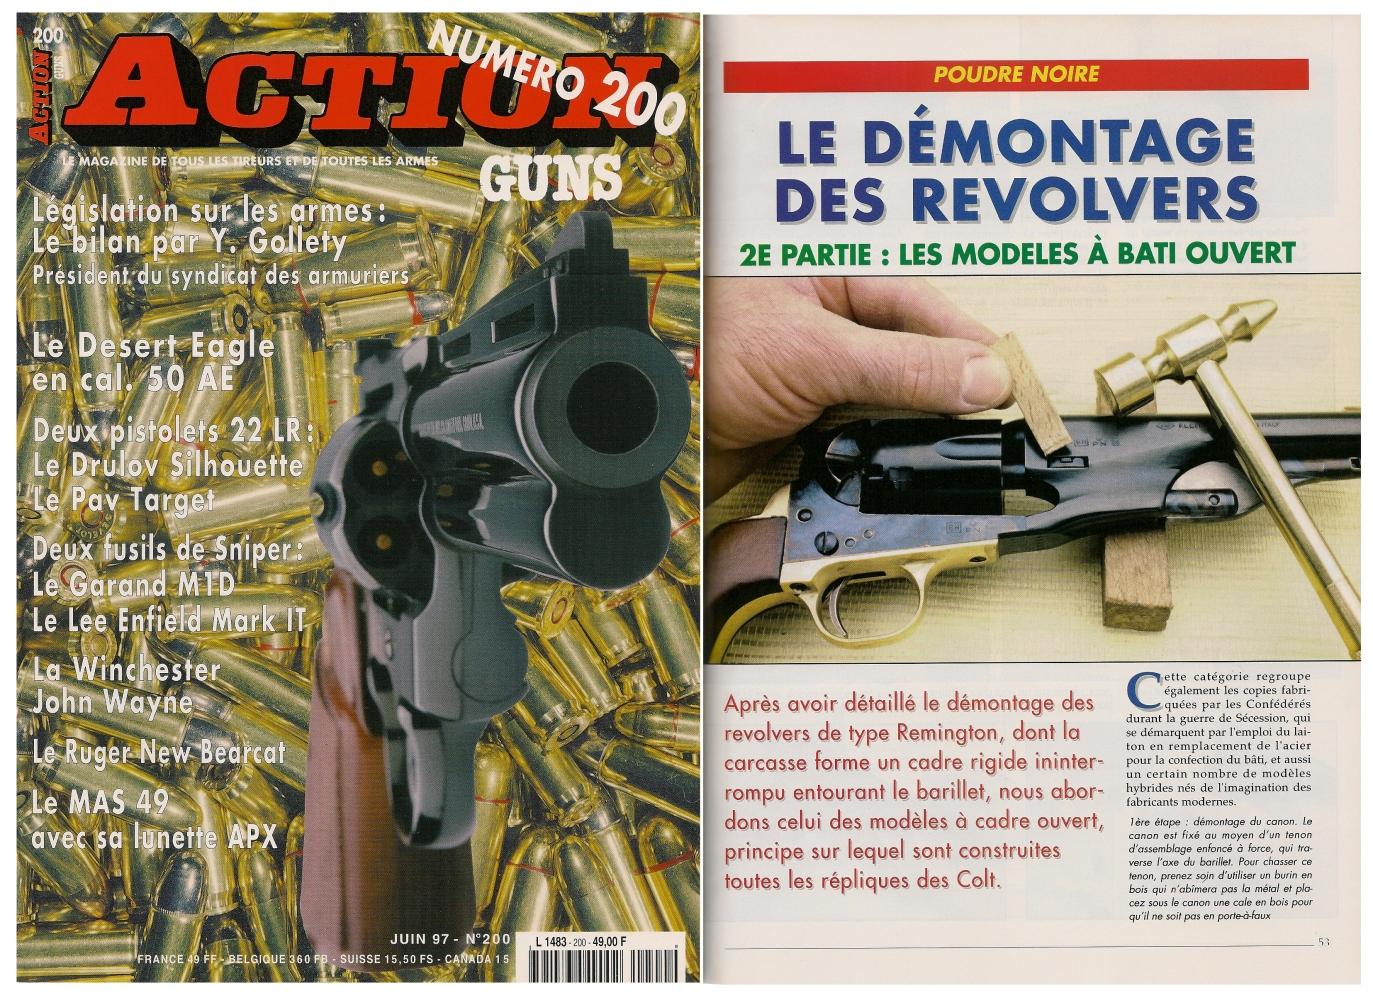 La seconde partie de cet article, consacrée aux revolvers à bâti ouvert, a été publiée sur 5 pages dans le magazine Action Guns n° 200 (juin 1997).